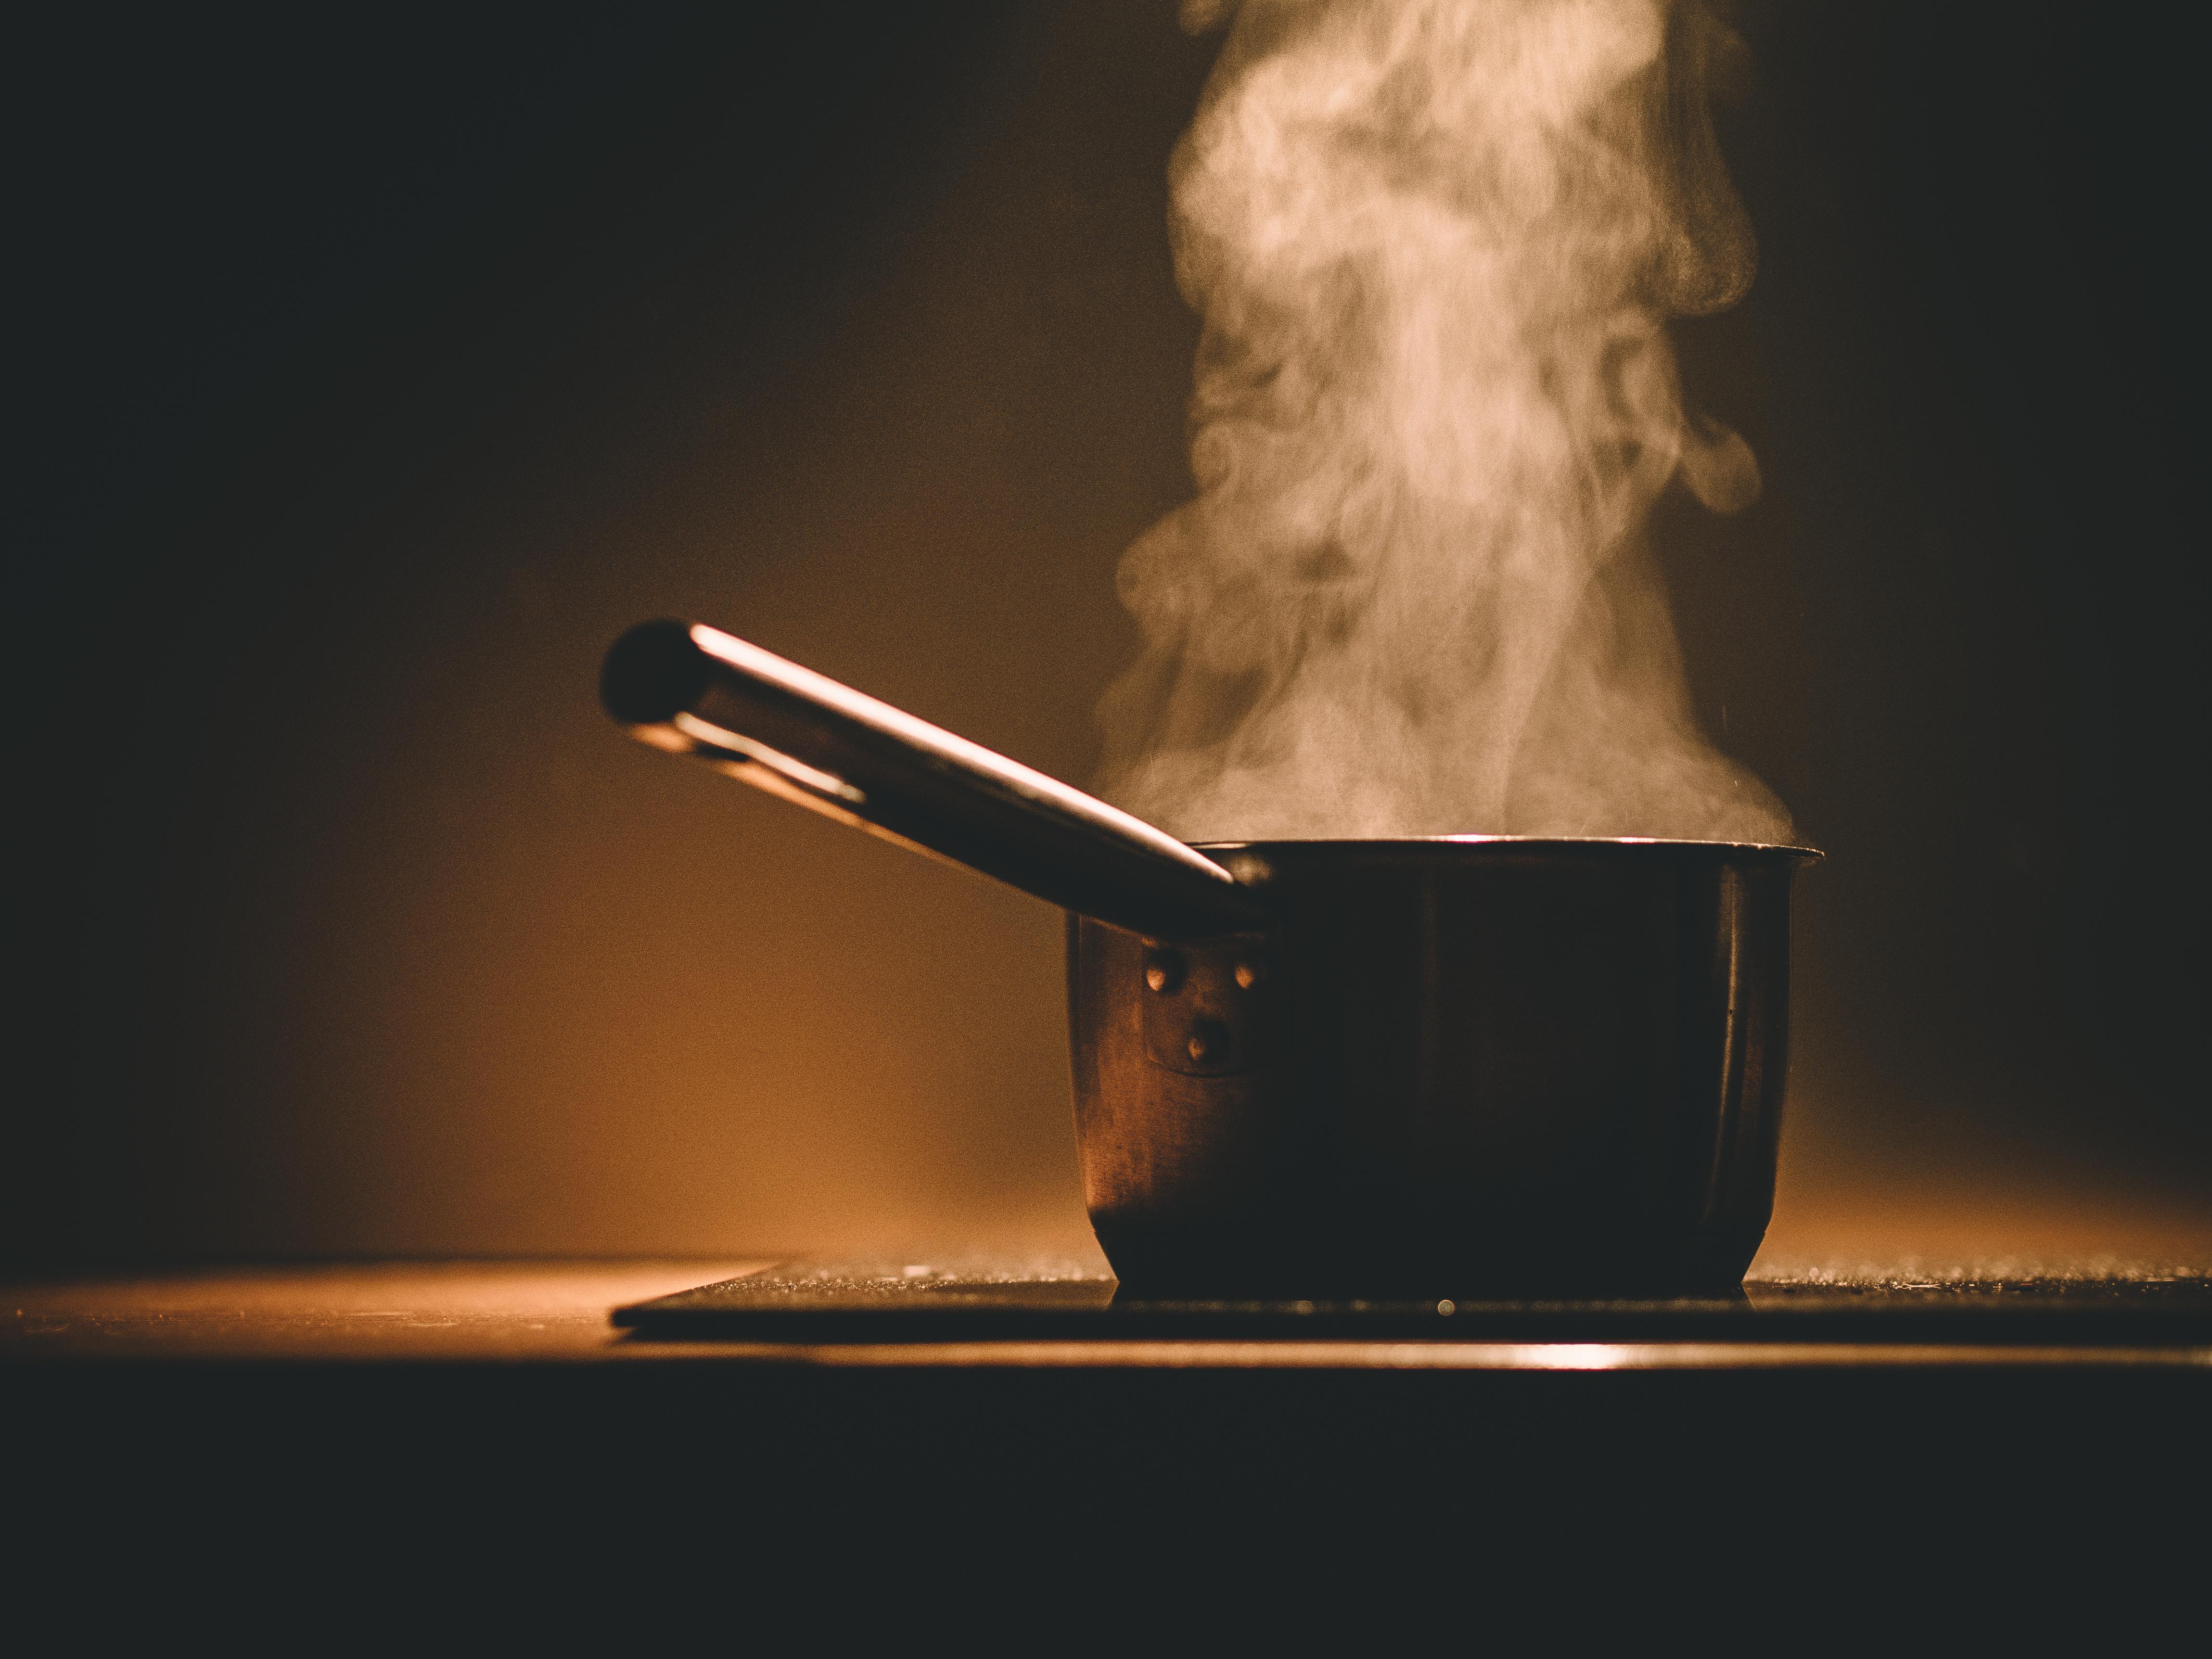 Restaurant Kitchen Photography kitchen photos · pexels · free stock photos